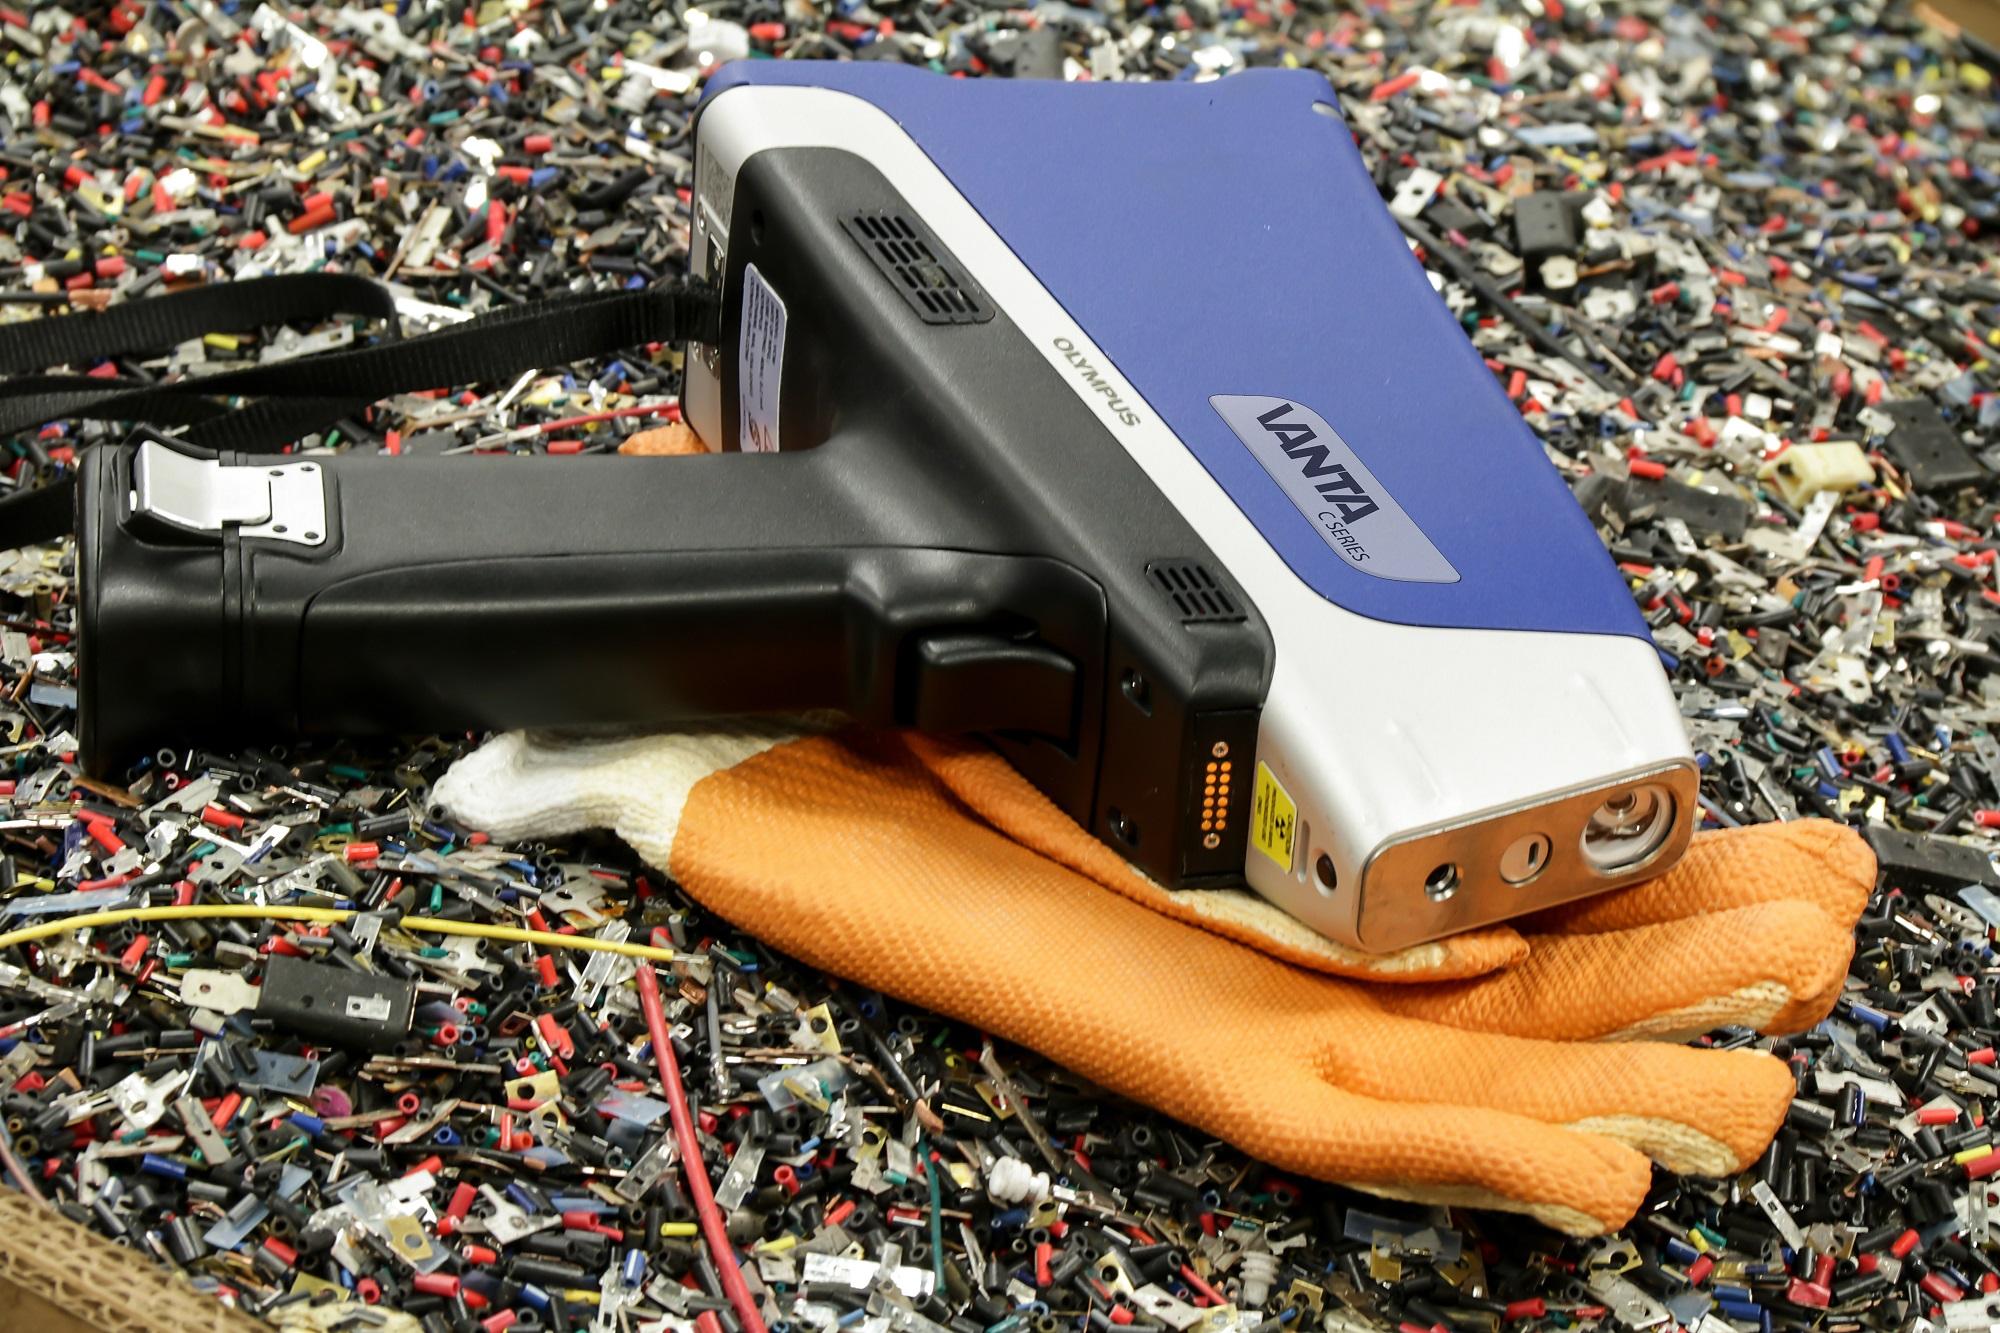 光谱仪在无机非金属材料测定中的应用,光谱仪